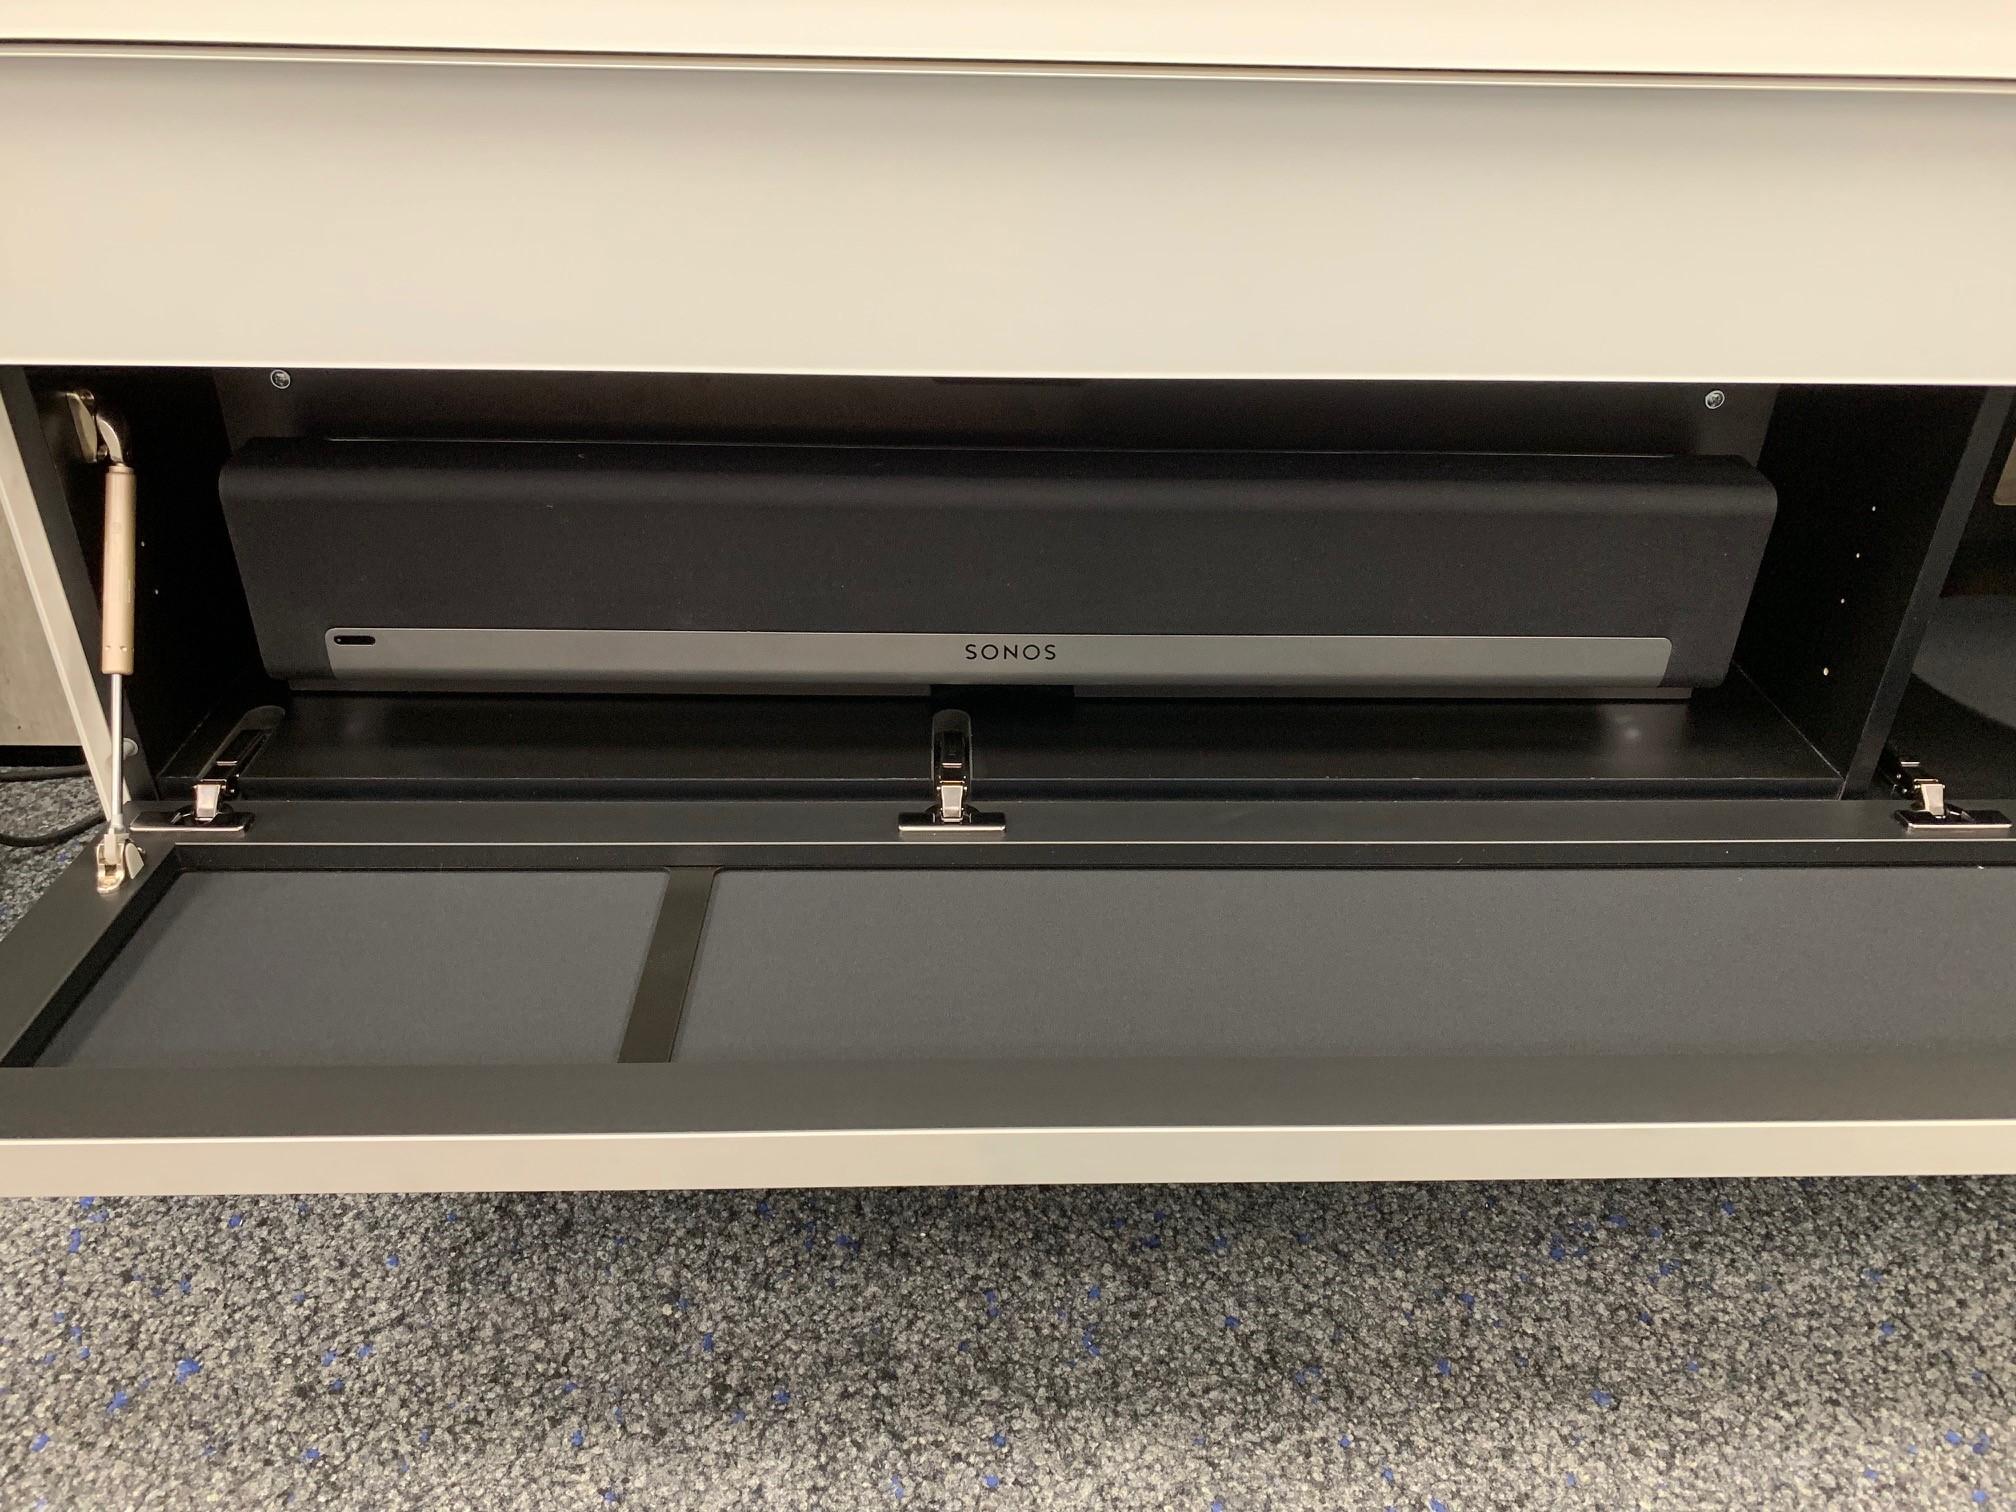 SC1653 inkl. Einbaurahmen für Sonos Playbar